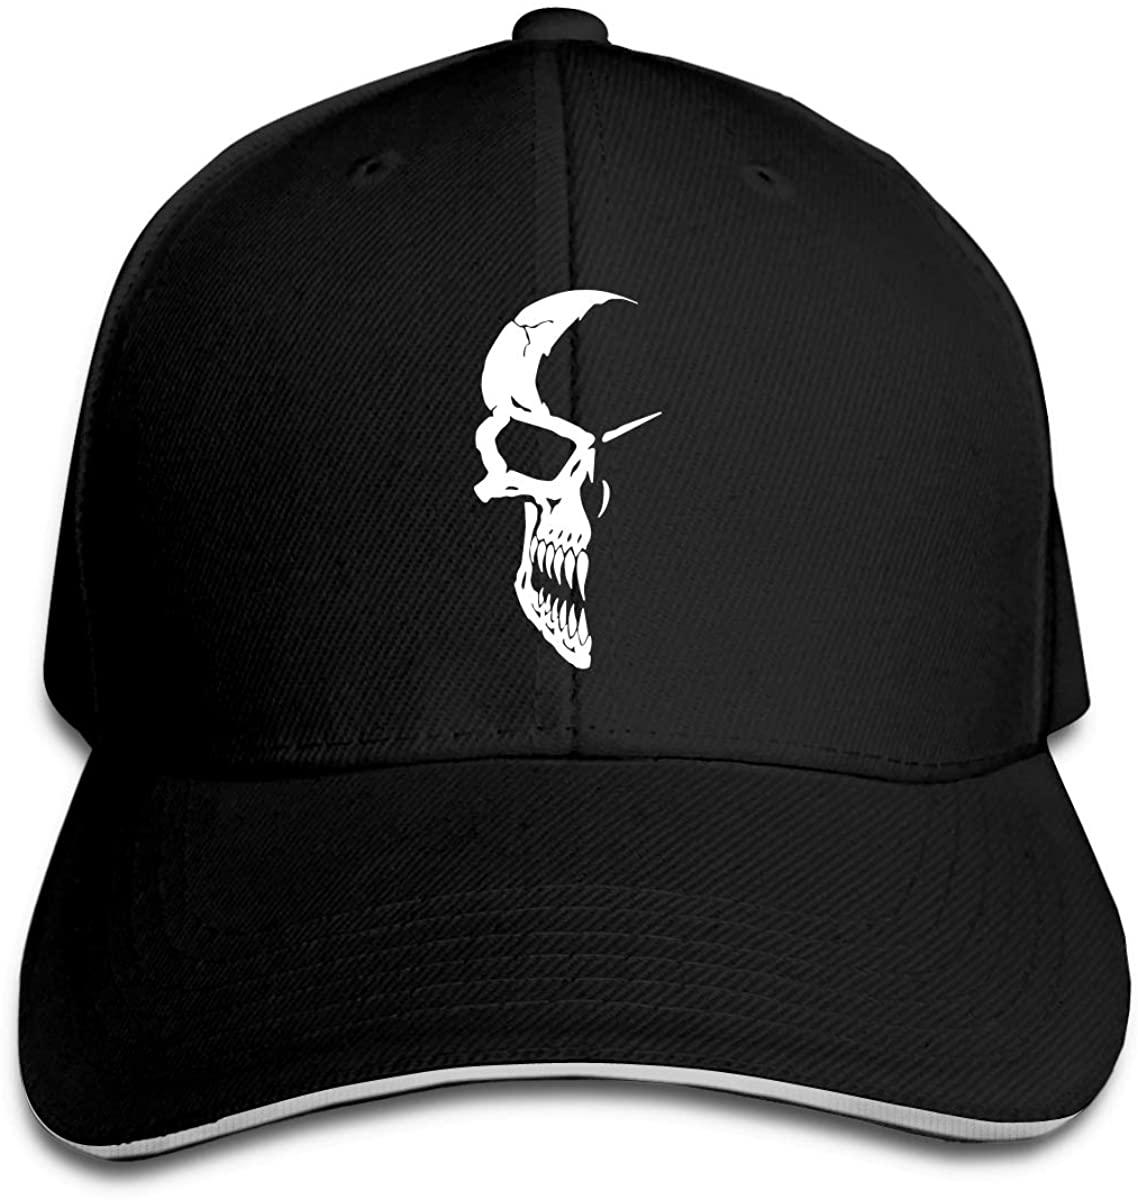 Головные уборы унисекс с коротким черепом, головные уборы грузовика, головные уборы для бейсбола, кепка для водителя